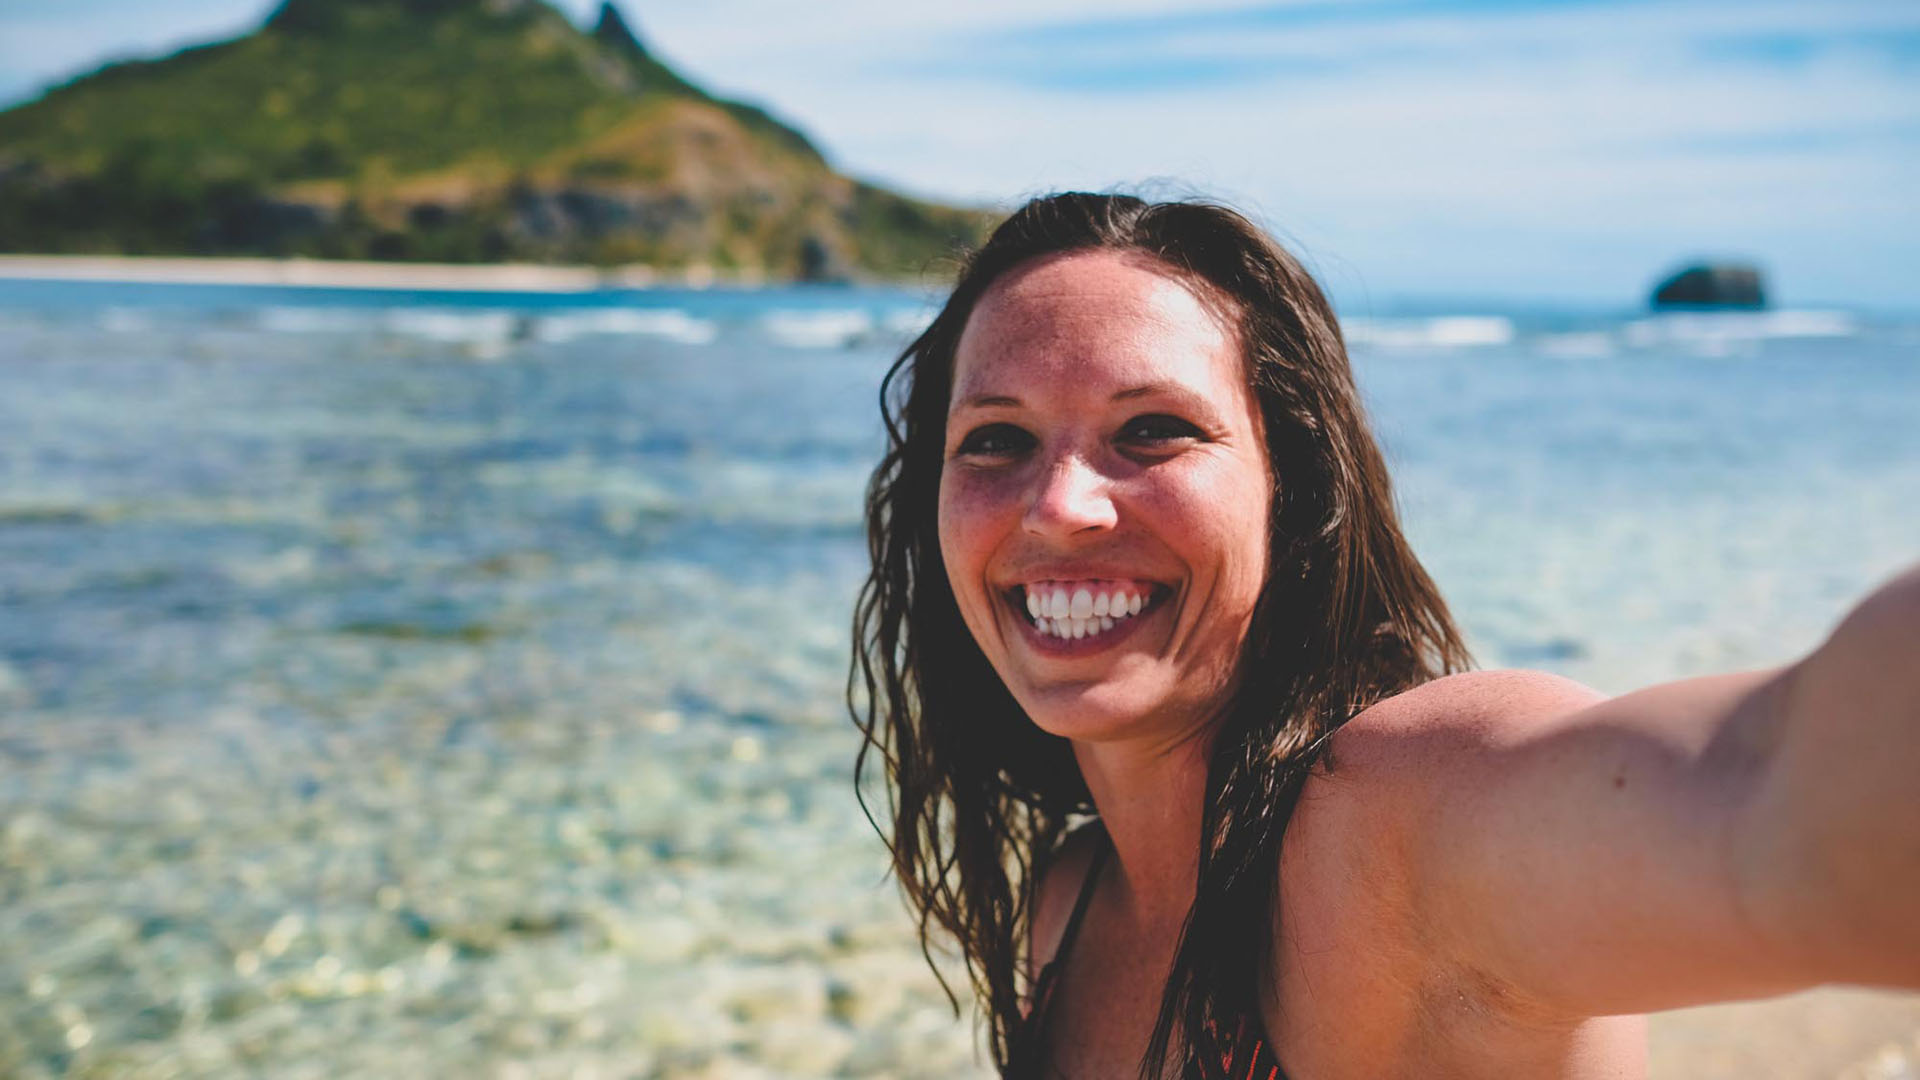 Sarah Lacina